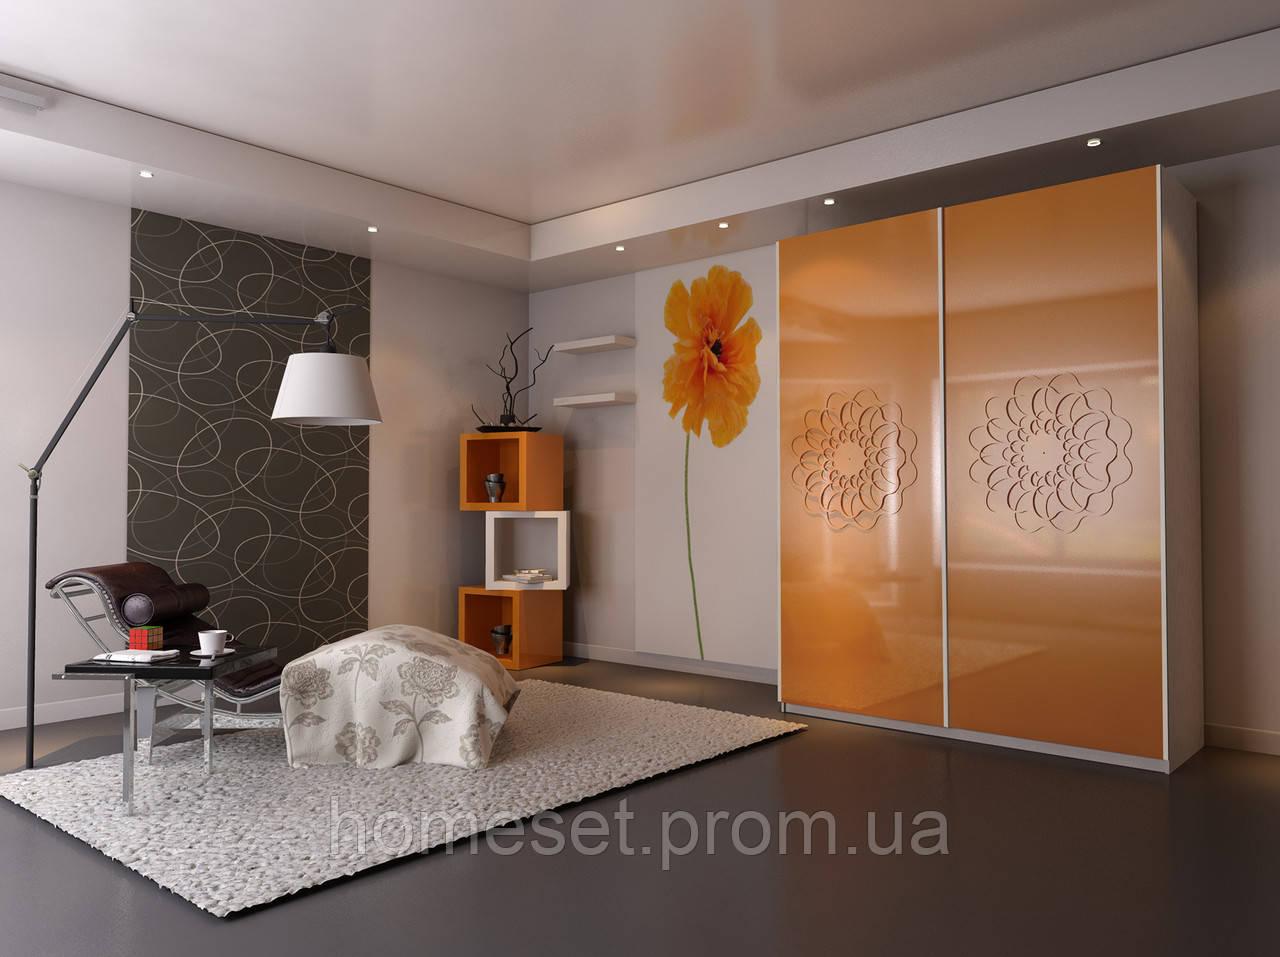 """Шкафы купе Ультра Украина лакобель с рисунком - """"ХоумСет"""" - Мебель и товары для дома и семьи в Львове"""